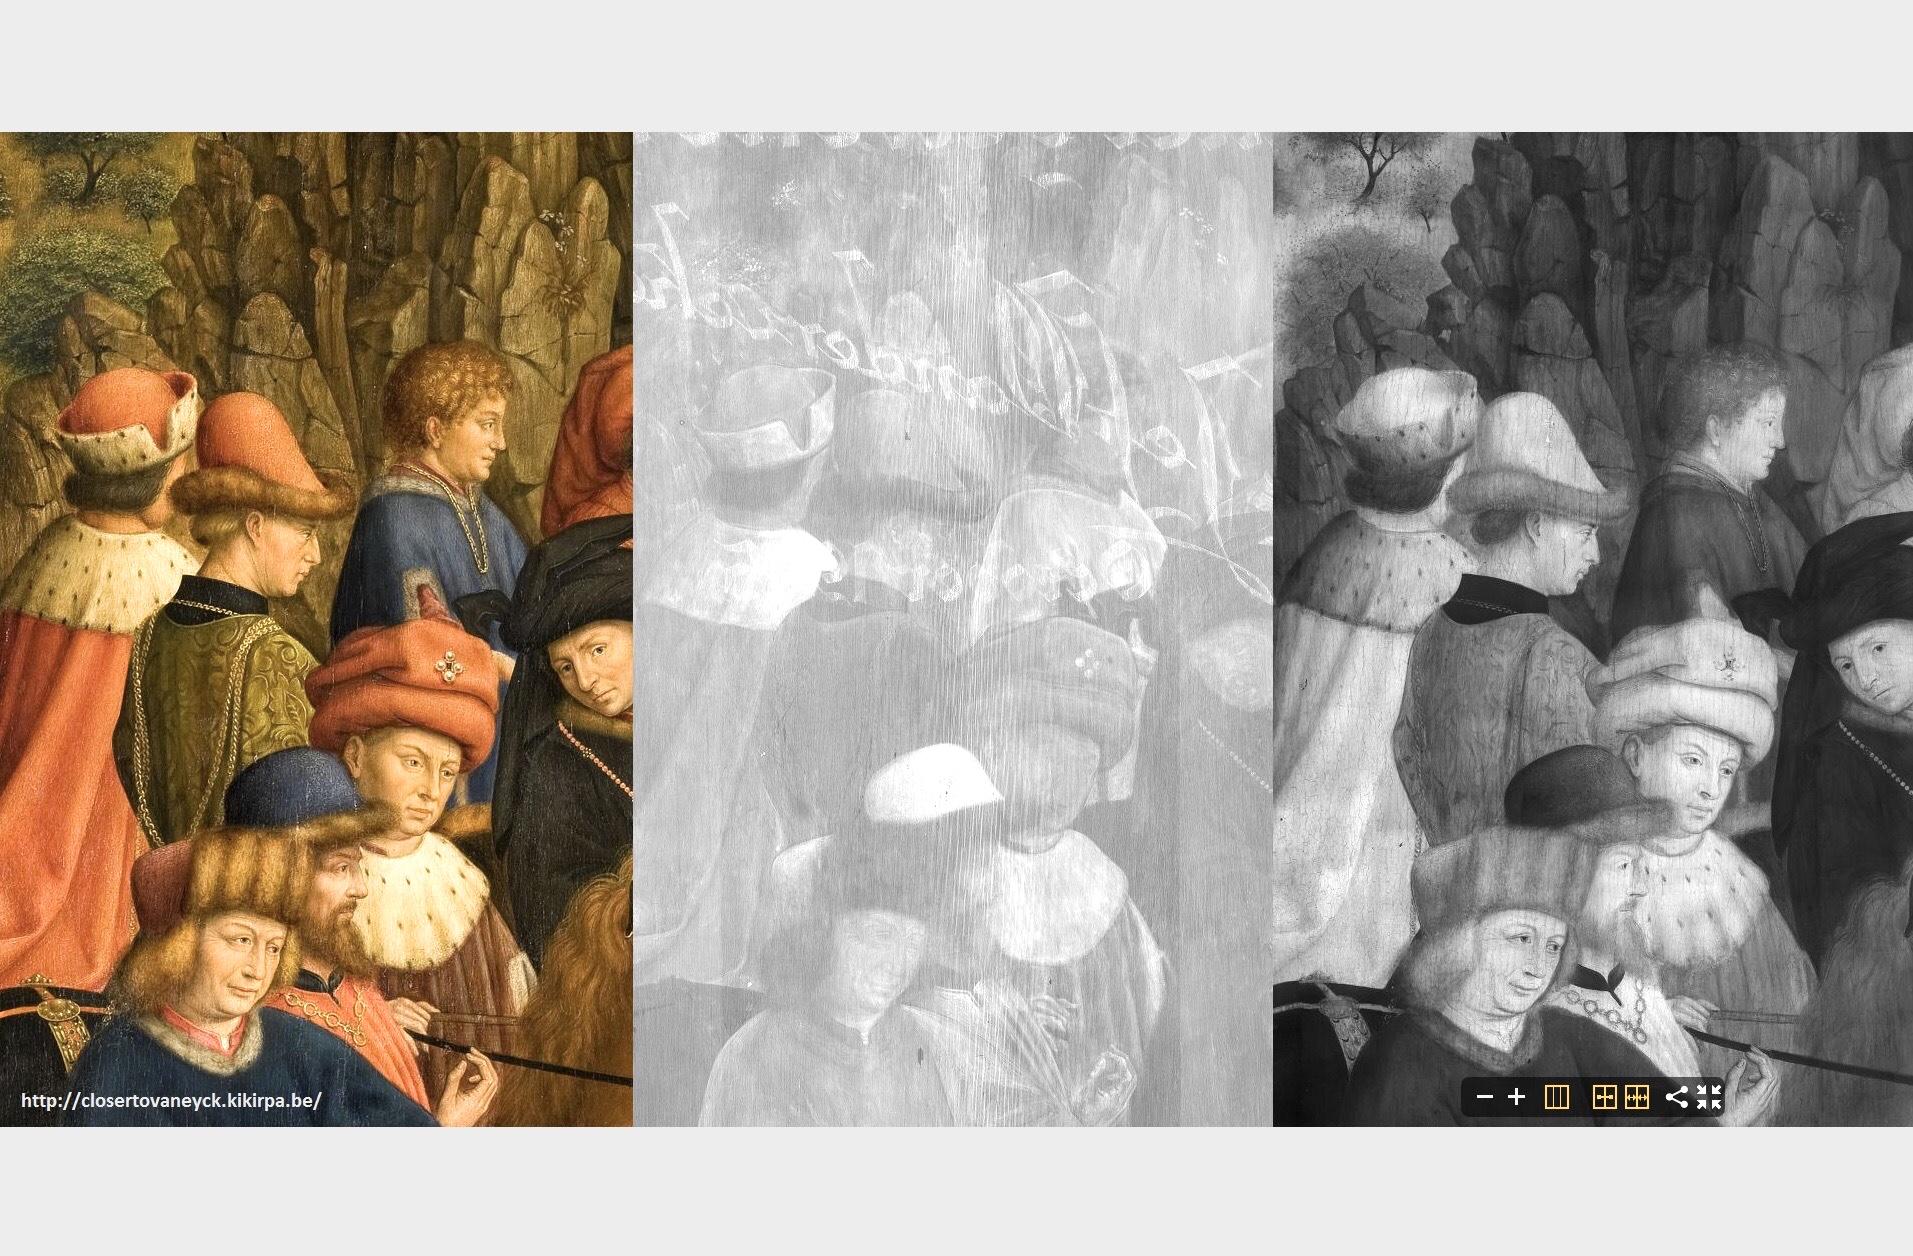 Odwzorowania w digitalizacji muzealiów – przegląd technik wspomagających